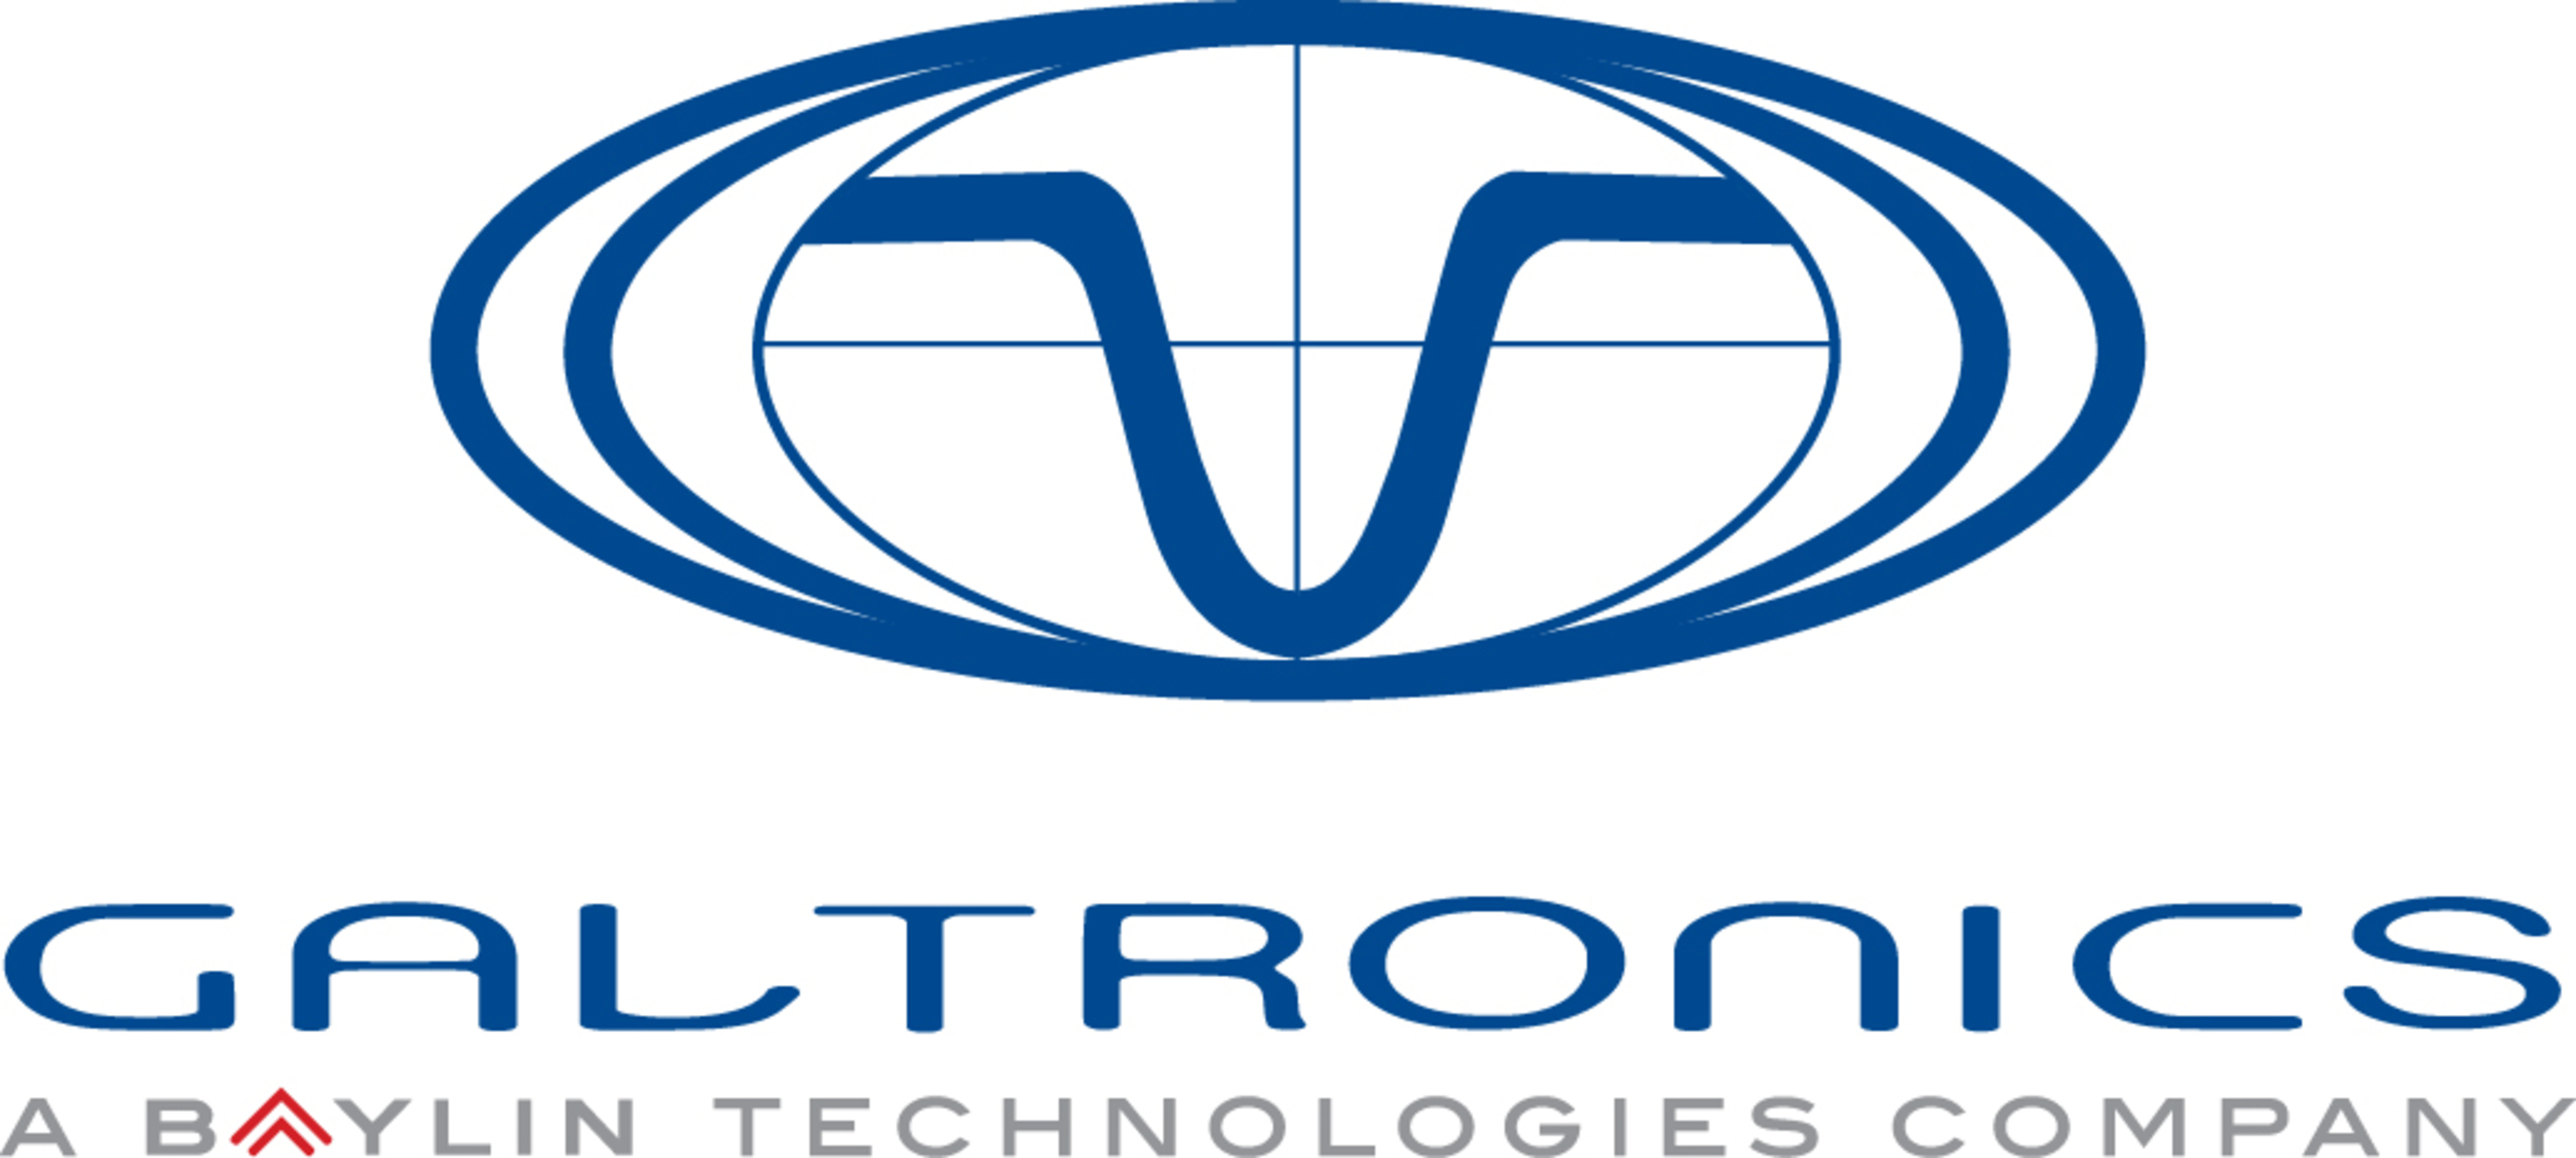 Galtronics präsentiert neue EXTENT™ Omni Whip-Produktlinie - konzipiert für Mobilfunk und